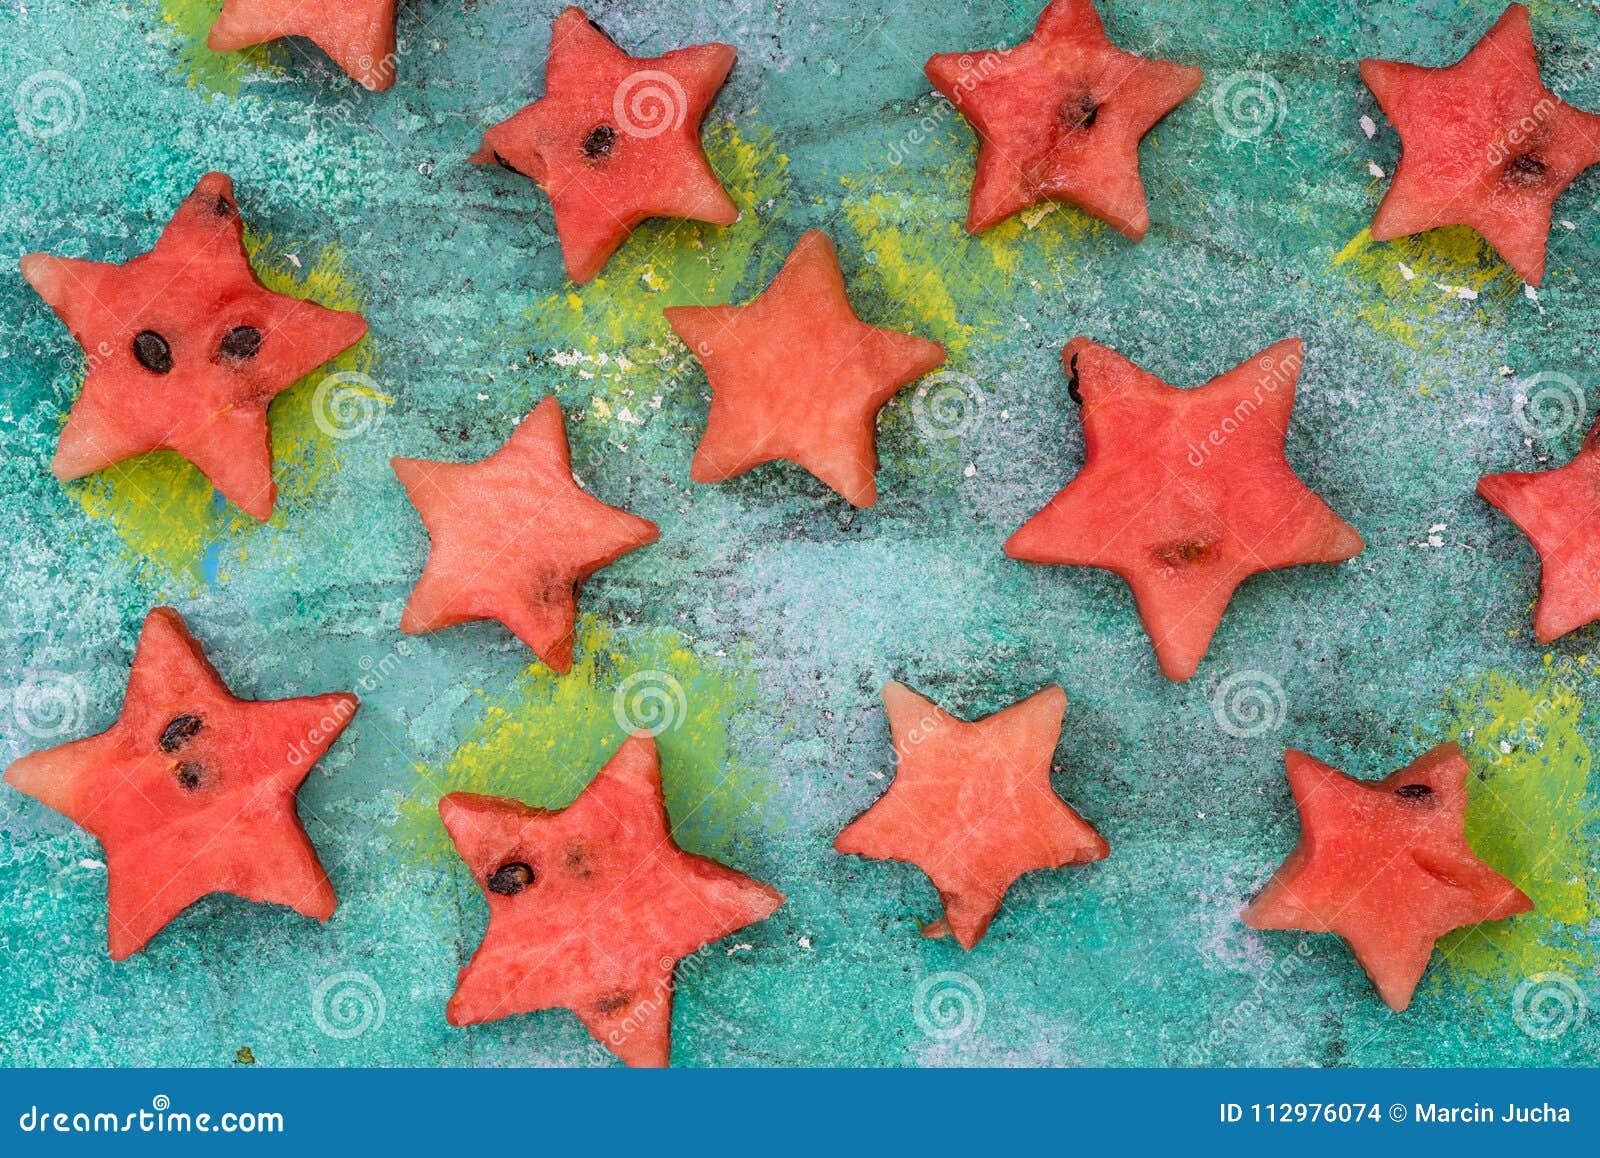 Stars cut off from watermelon